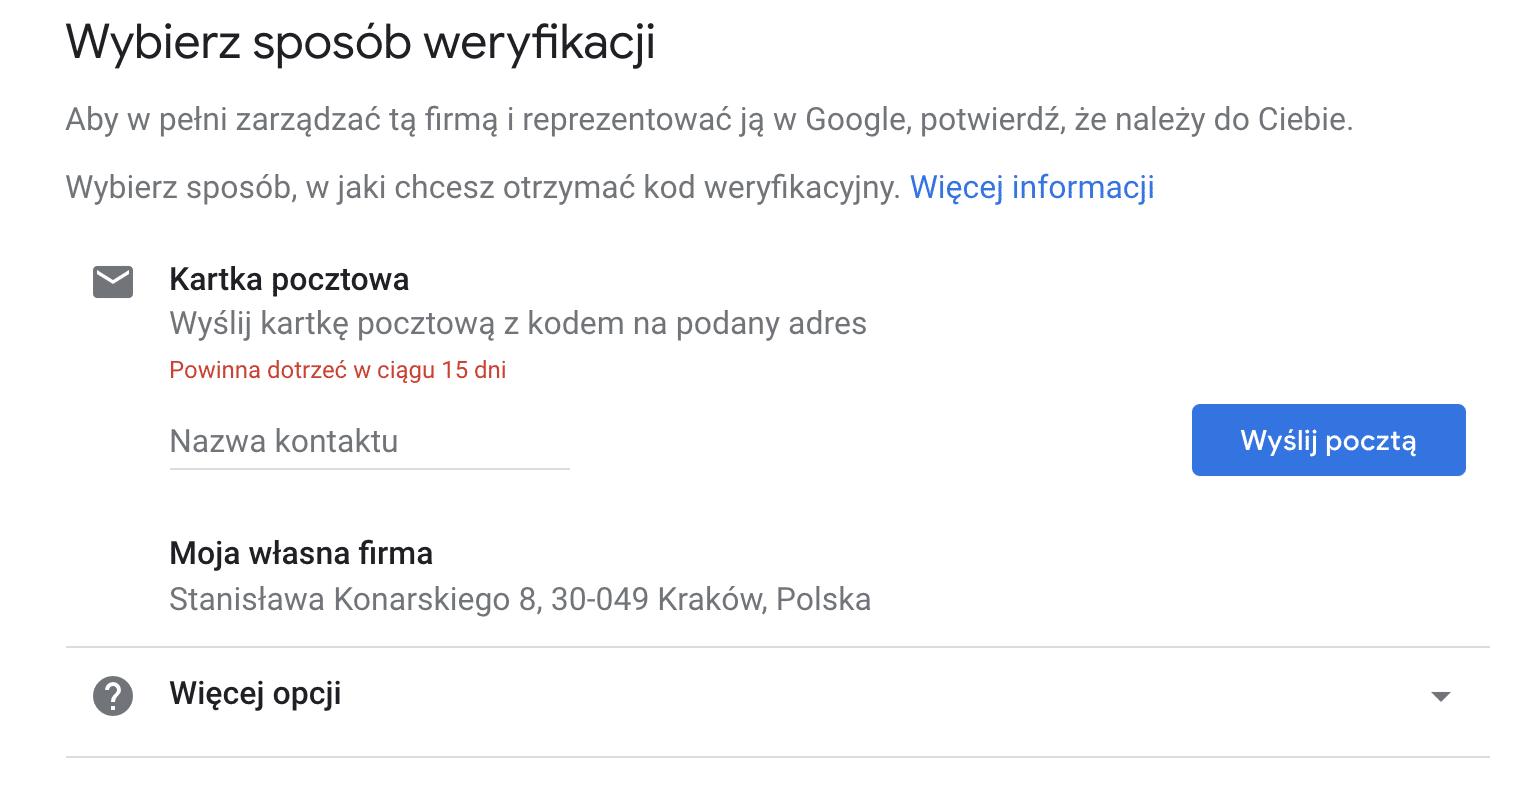 Google Moja Firma - jak zweryfikować wizytówkę